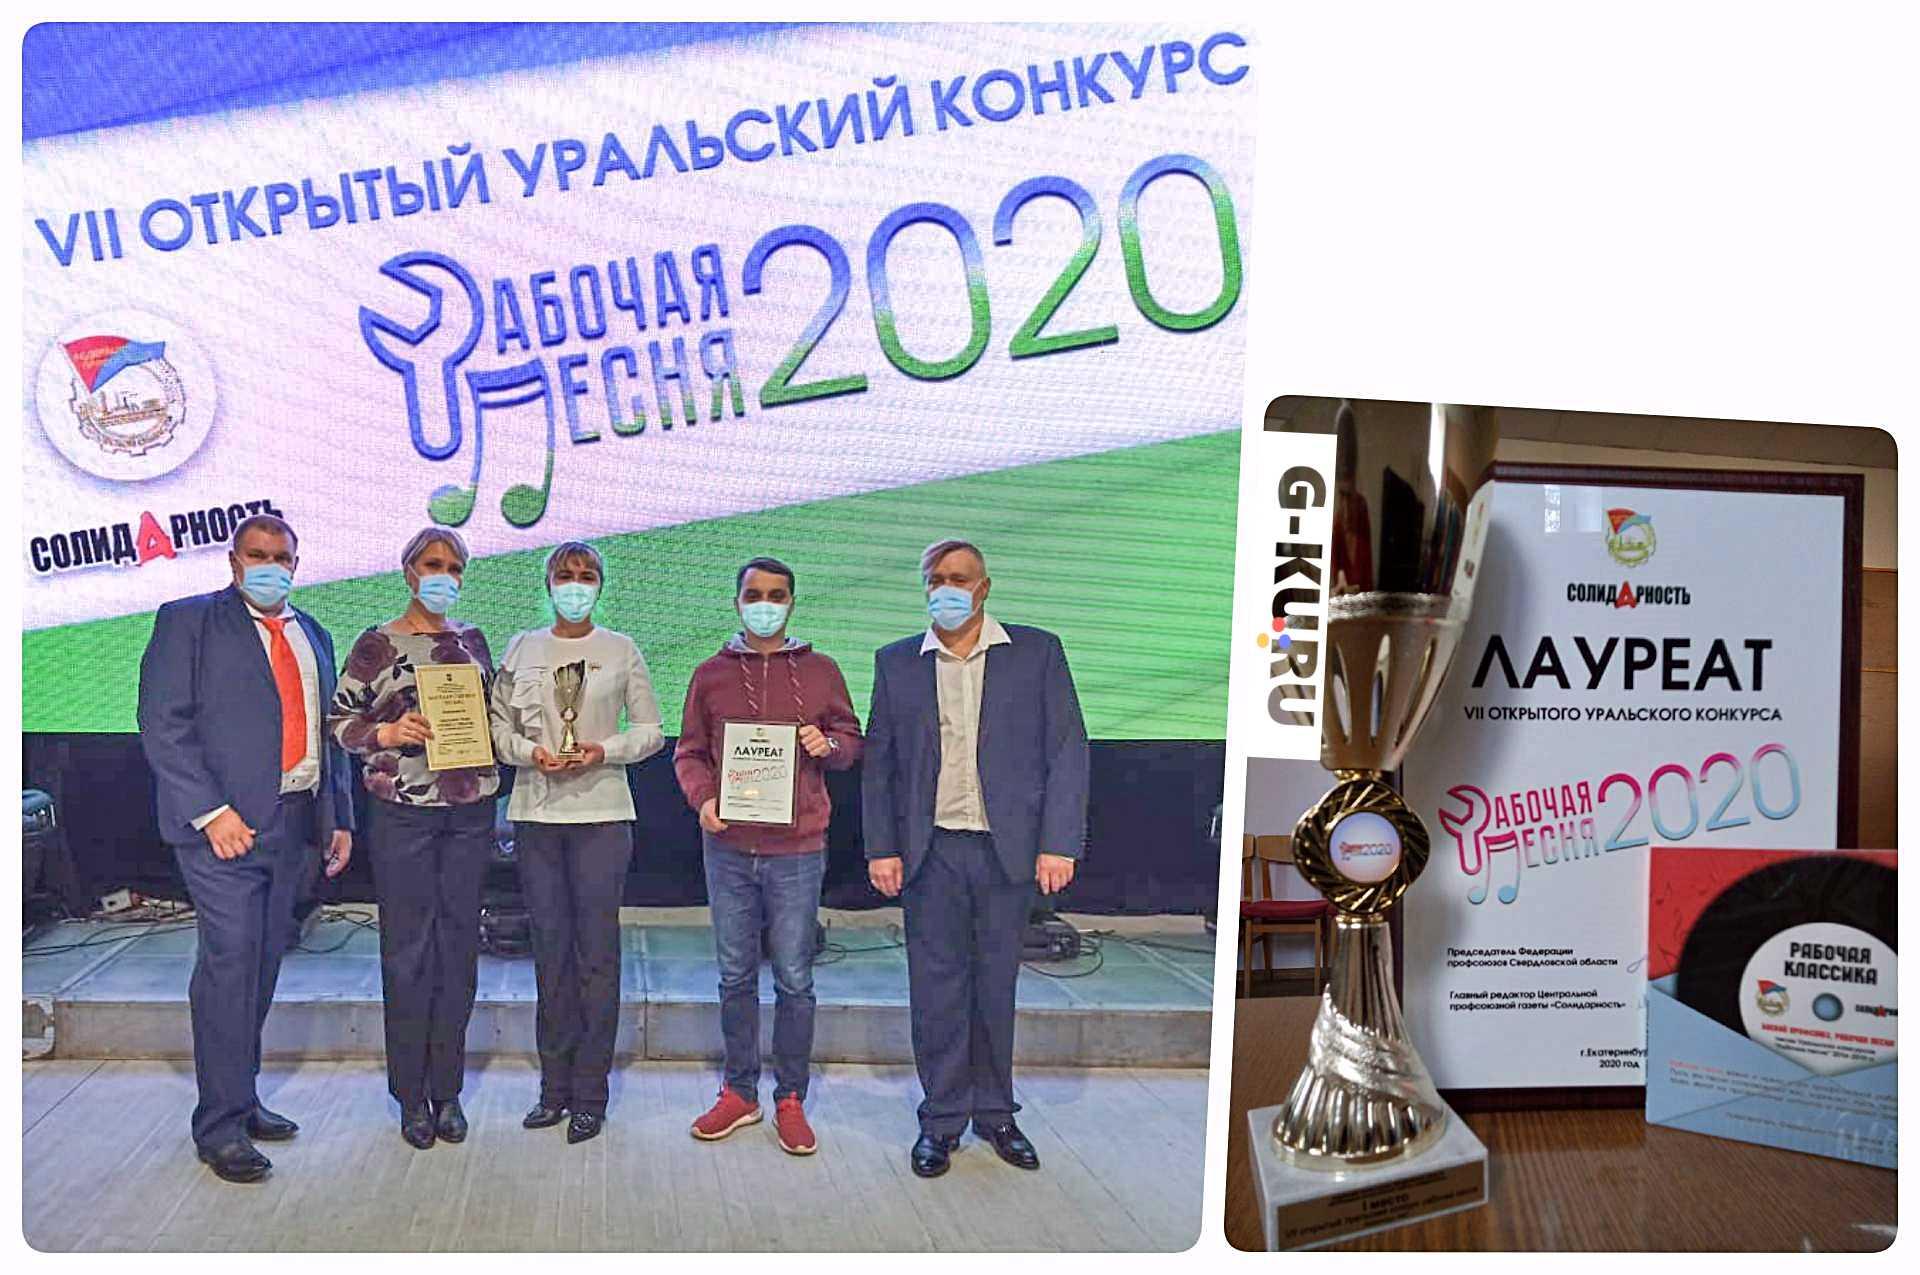 Работники СинТЗ вернулись с наградами